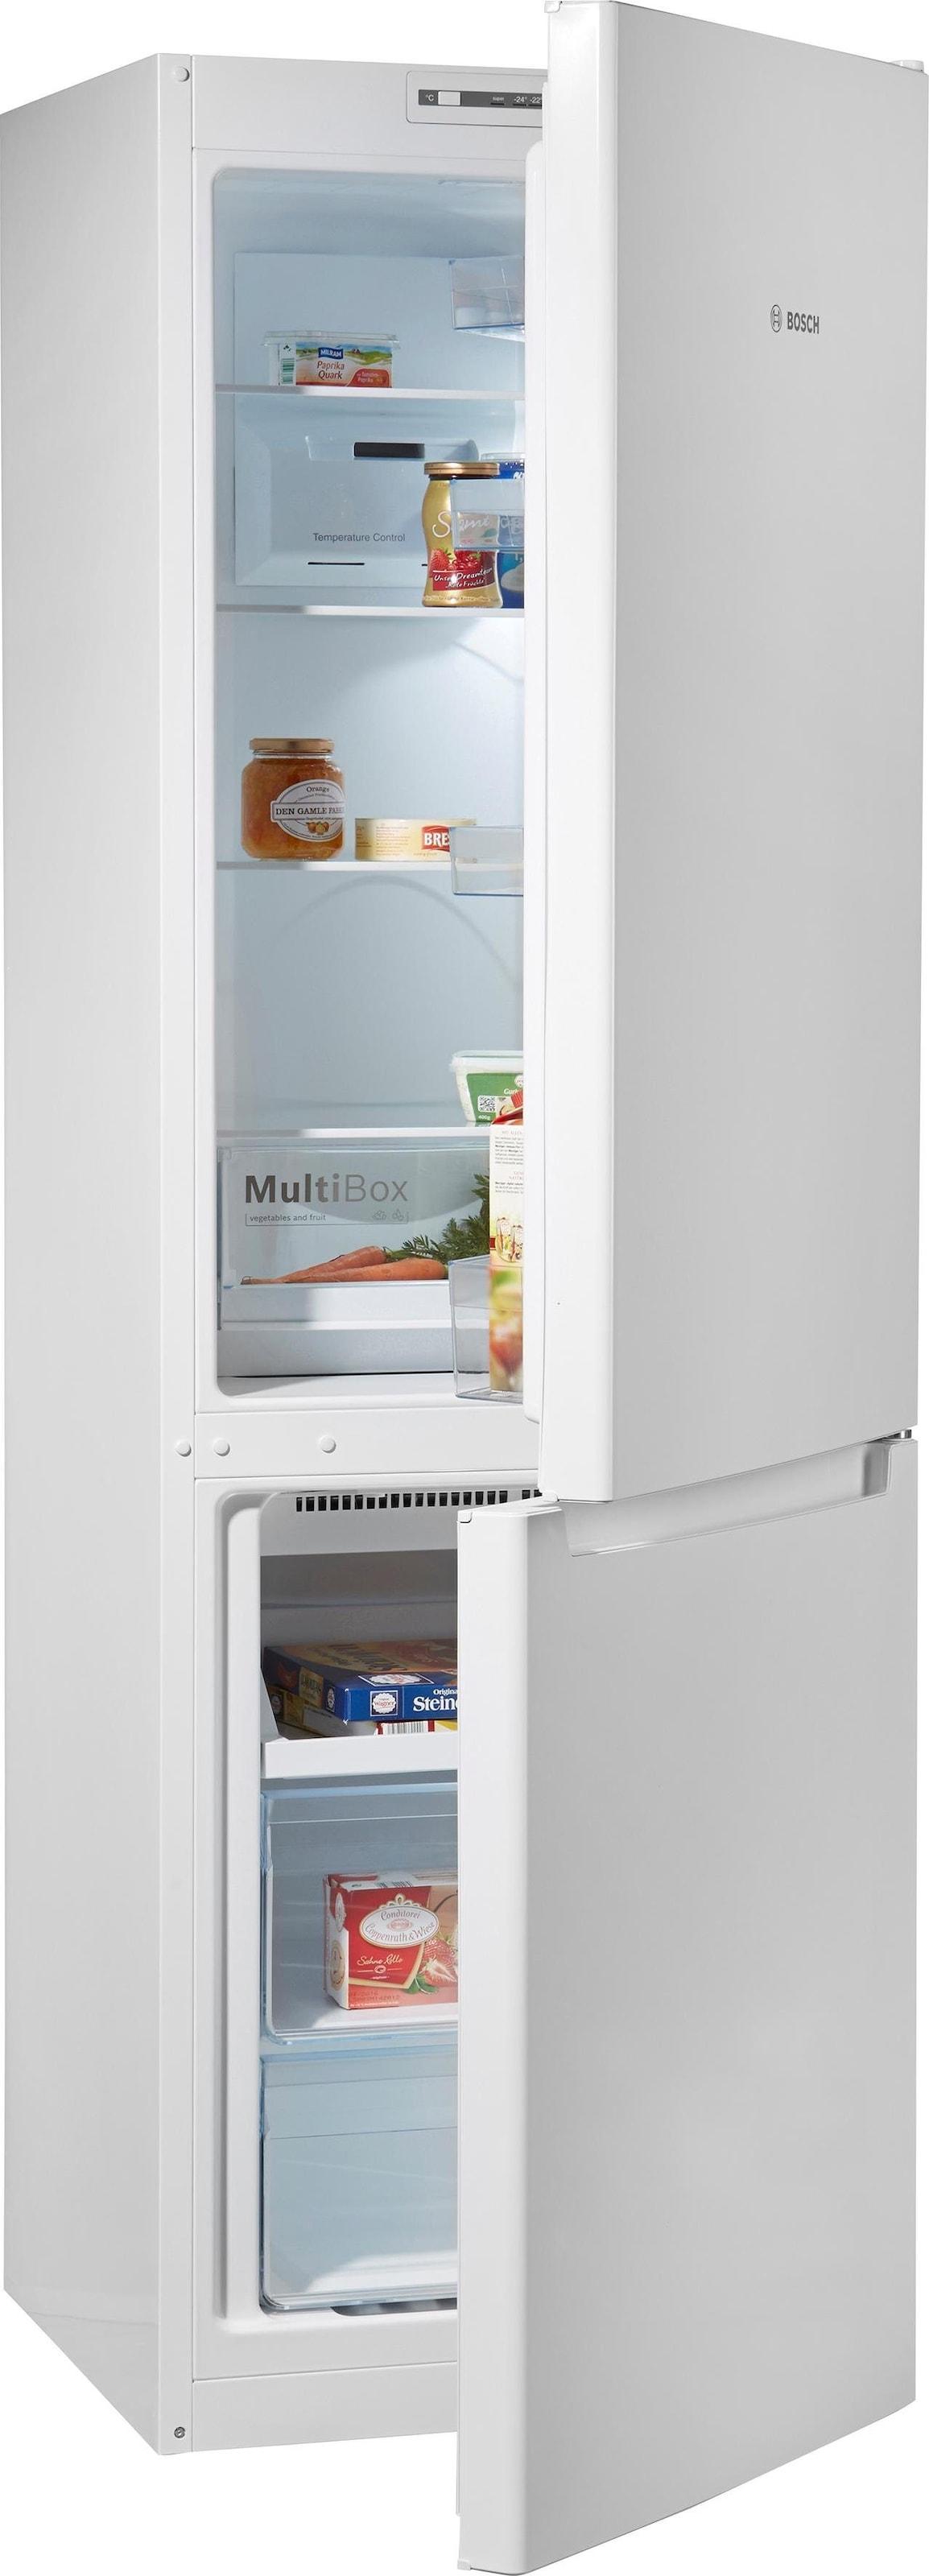 Bosch Kühlschrank Gefrierkombination : Bosch kühl gefrierkombination cm hoch cm breit auf raten